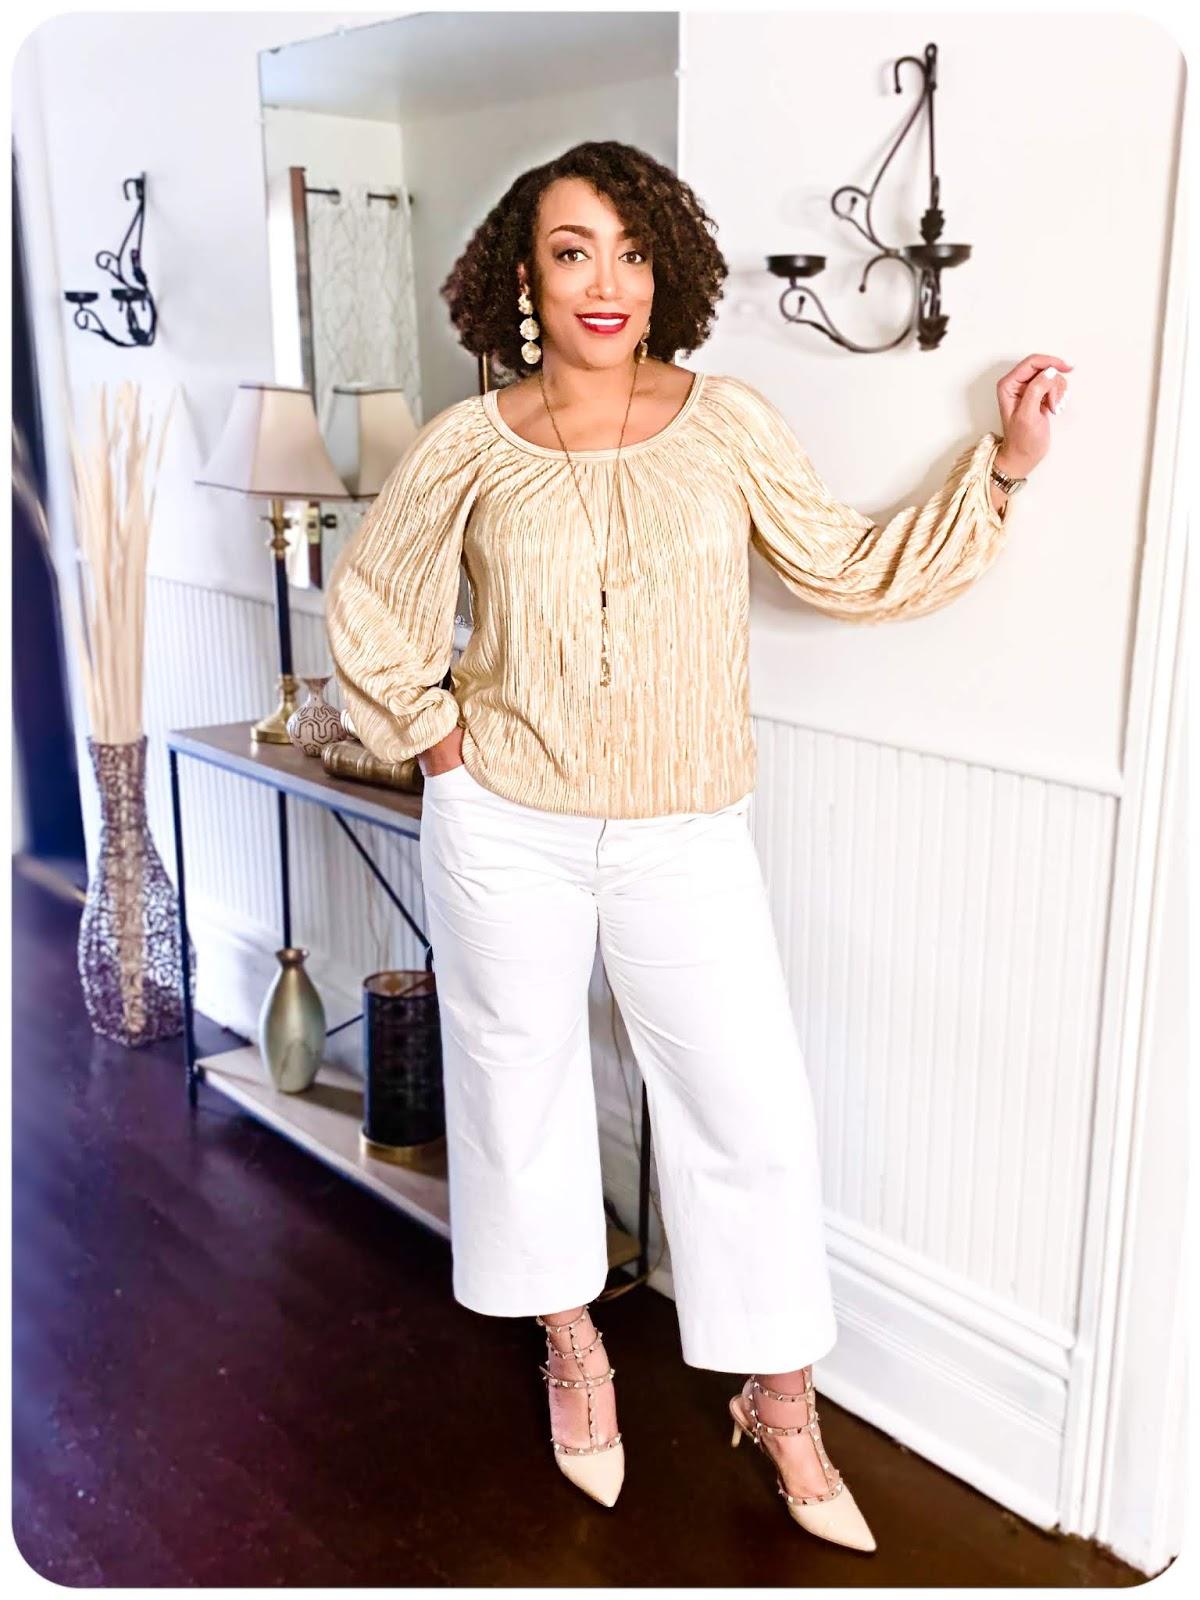 Vogue 8581 Top & True Bias Lander Pants - Erica Bunker DIY Style!